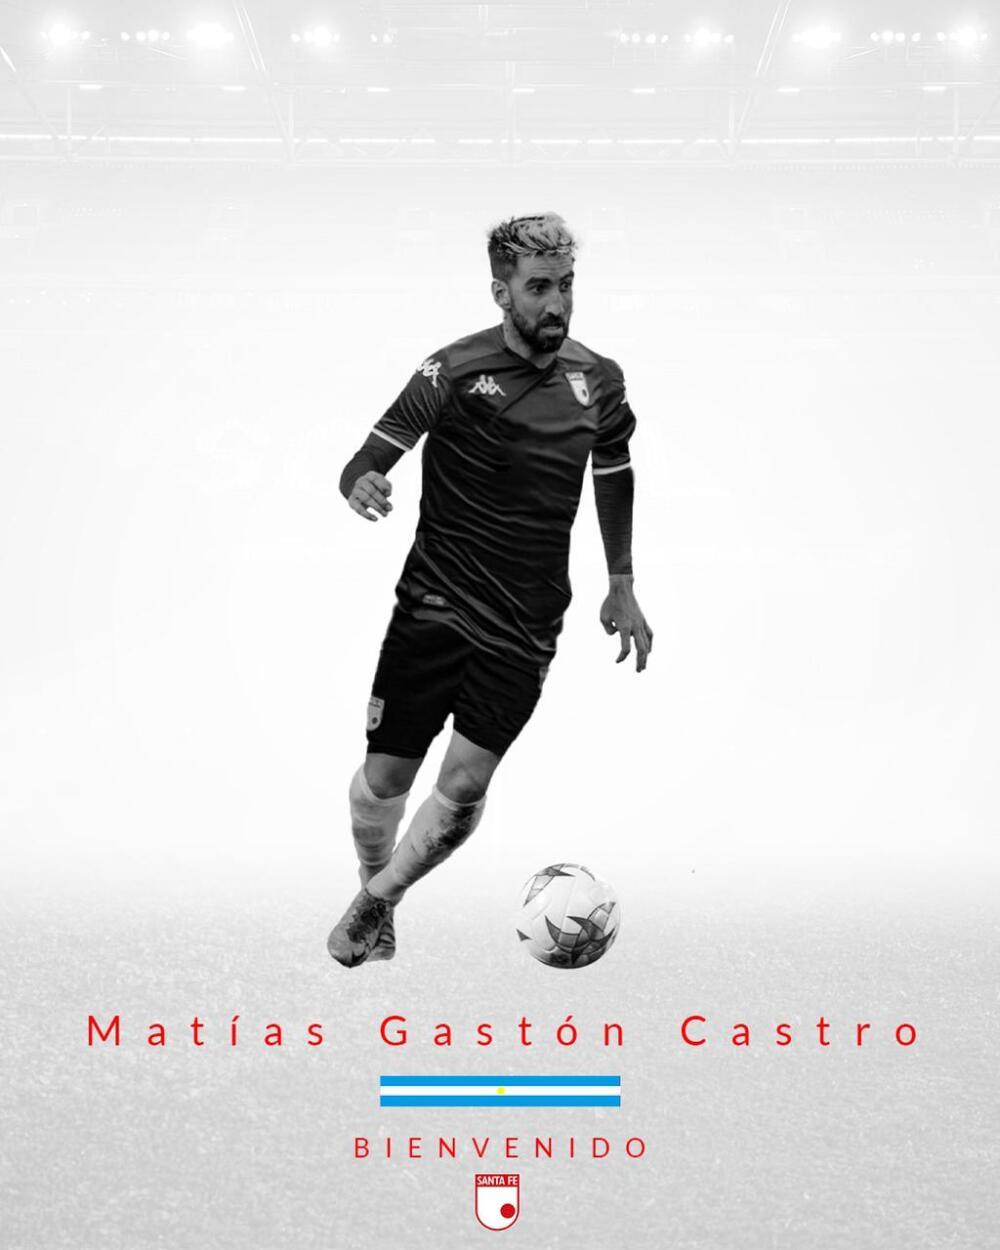 Matias-gaston-castro